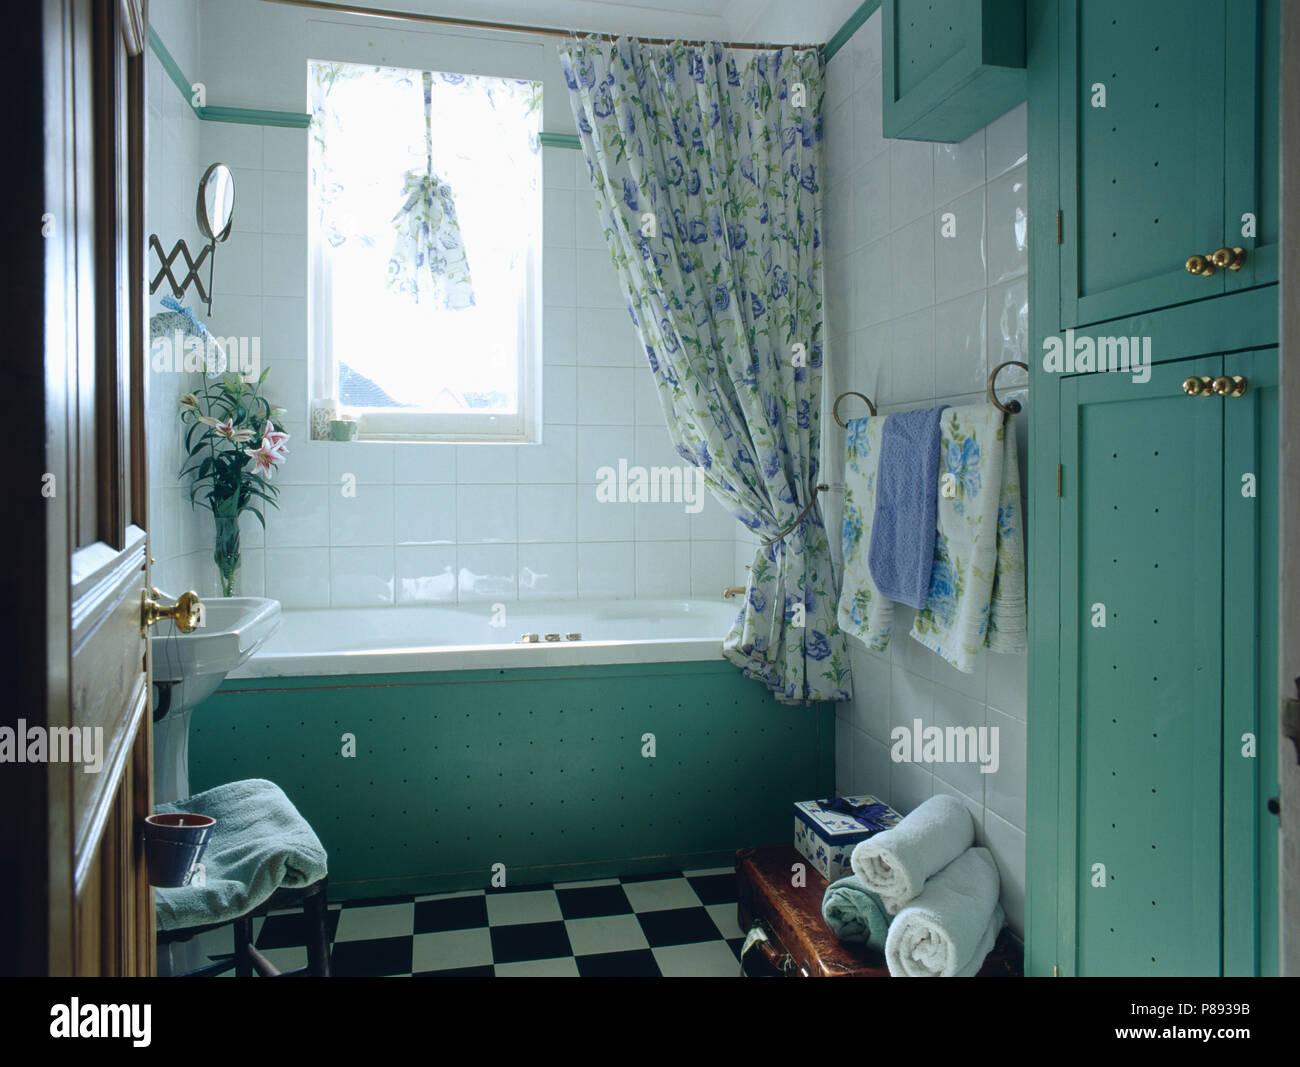 Piastrelle Bagno Turchese : Turchese armadio dipinto e il pannello della vasca da bagno in